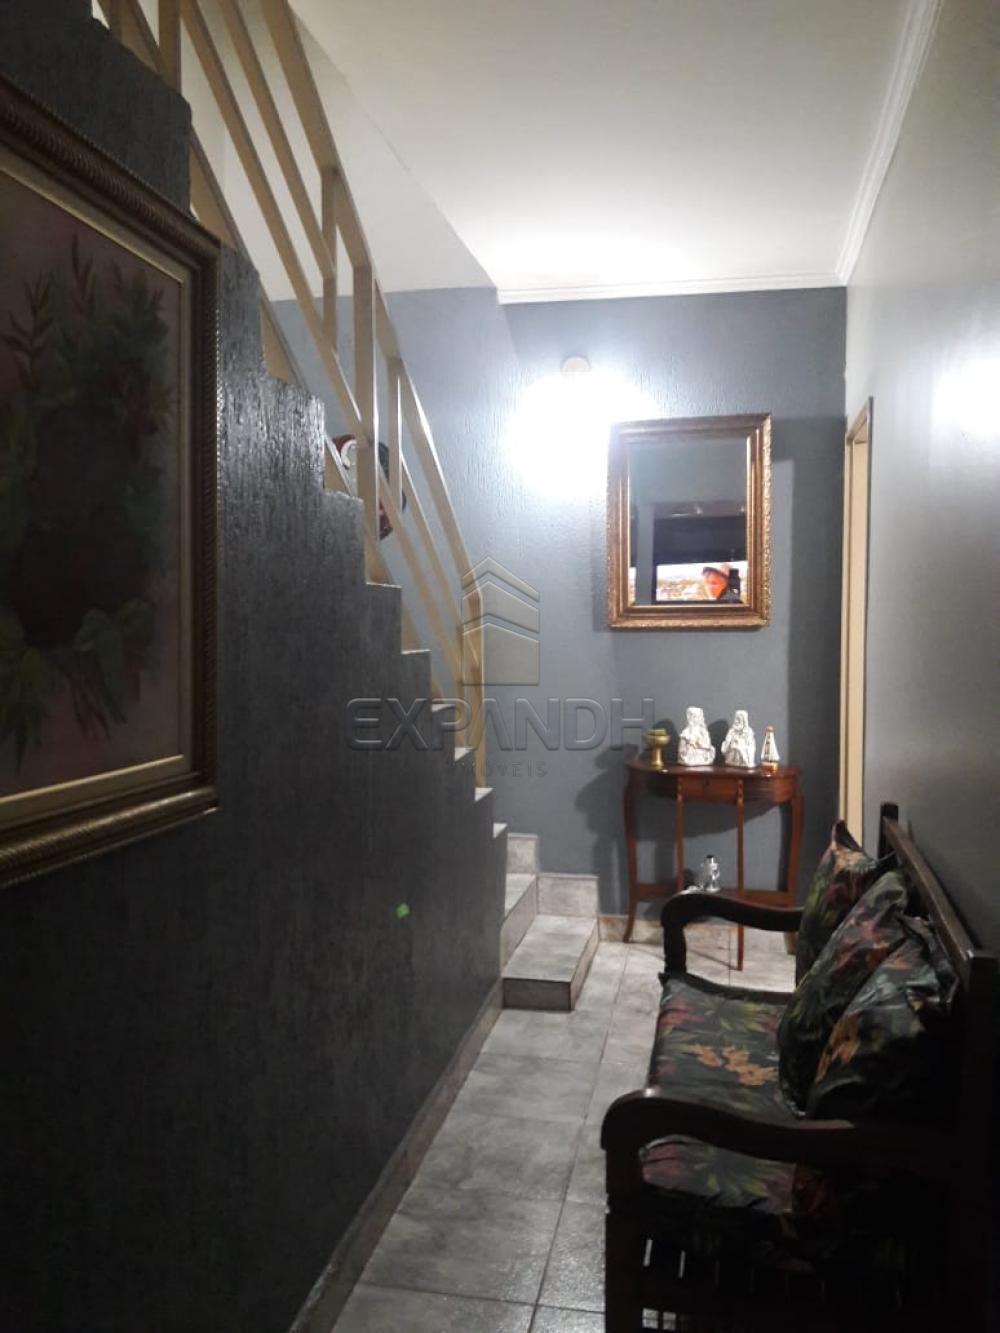 Comprar Casas / Padrão em Sertãozinho apenas R$ 400.000,00 - Foto 4